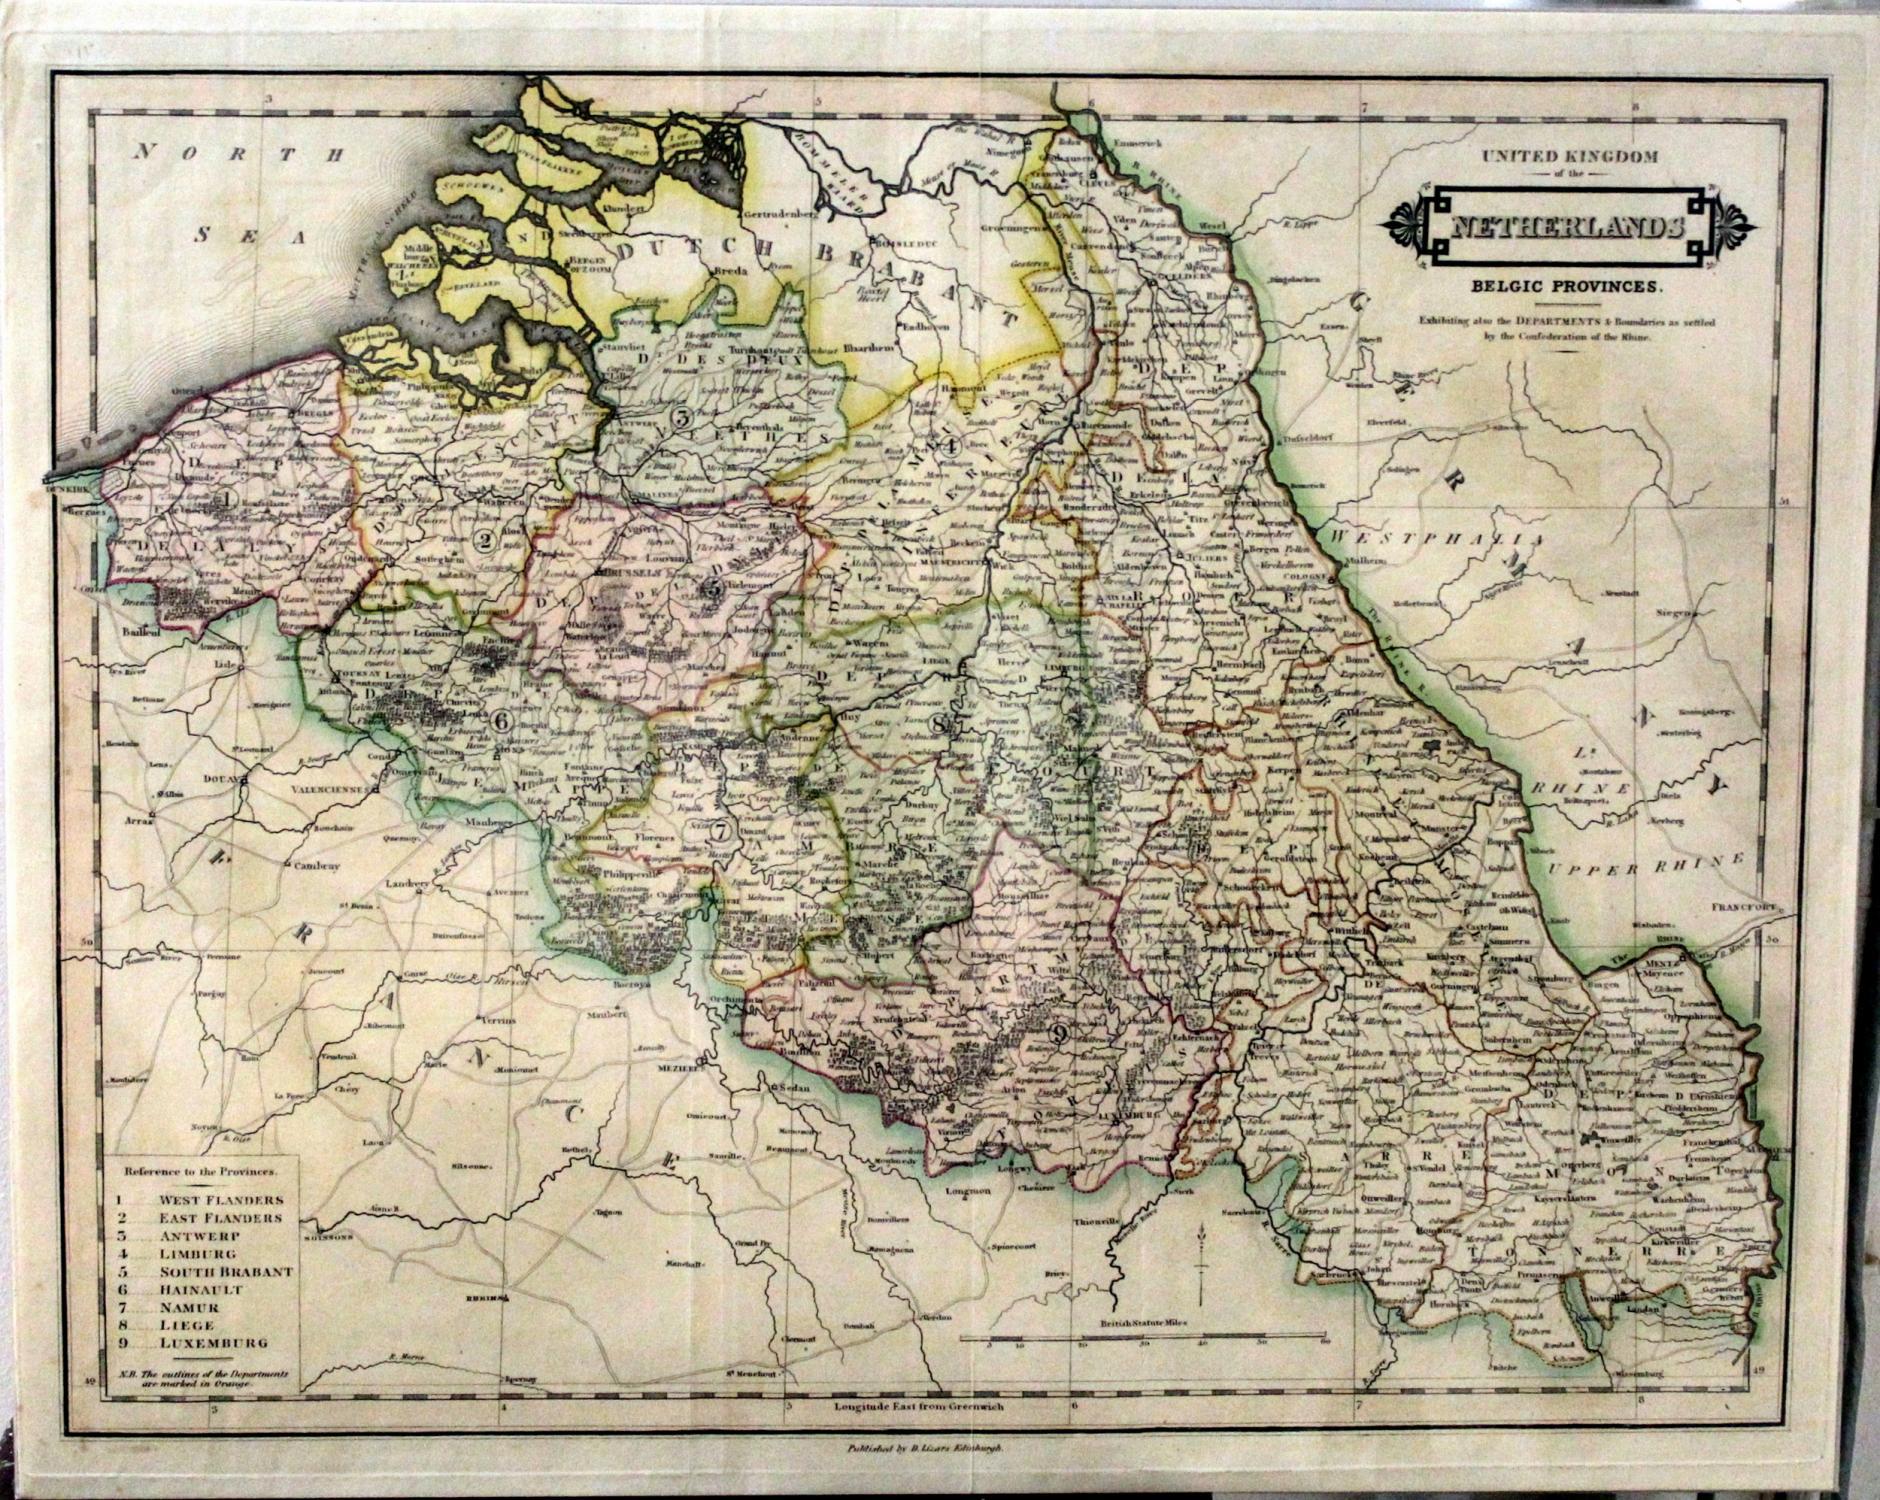 United Kingdom of the Netherlands Belgic Provinces Exhibiting Also